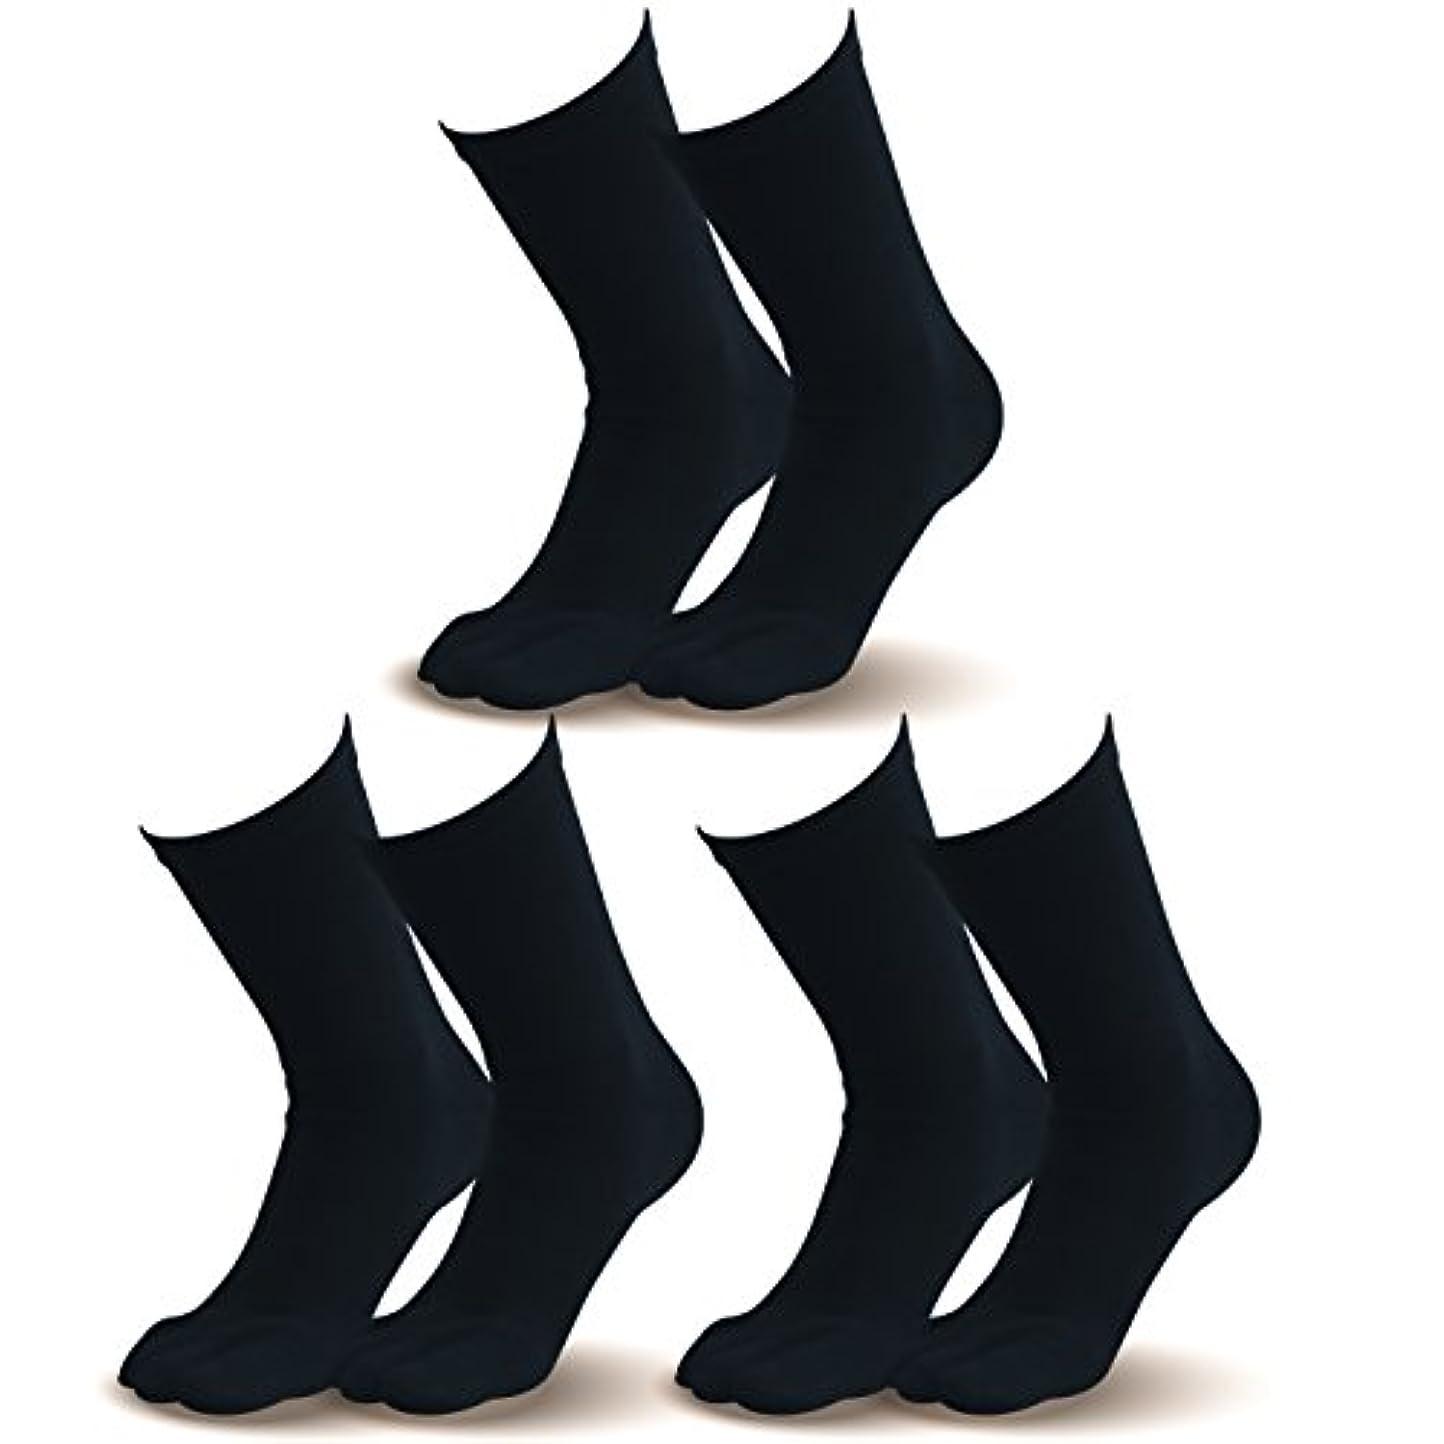 水を飲む洗う締める【指先まであったか靴下】とってもお得な ブラック3足組  温かい 暖かい 遠赤外線加工 セラミック 伸びる 外反母趾対策 健康 5本指ソックス